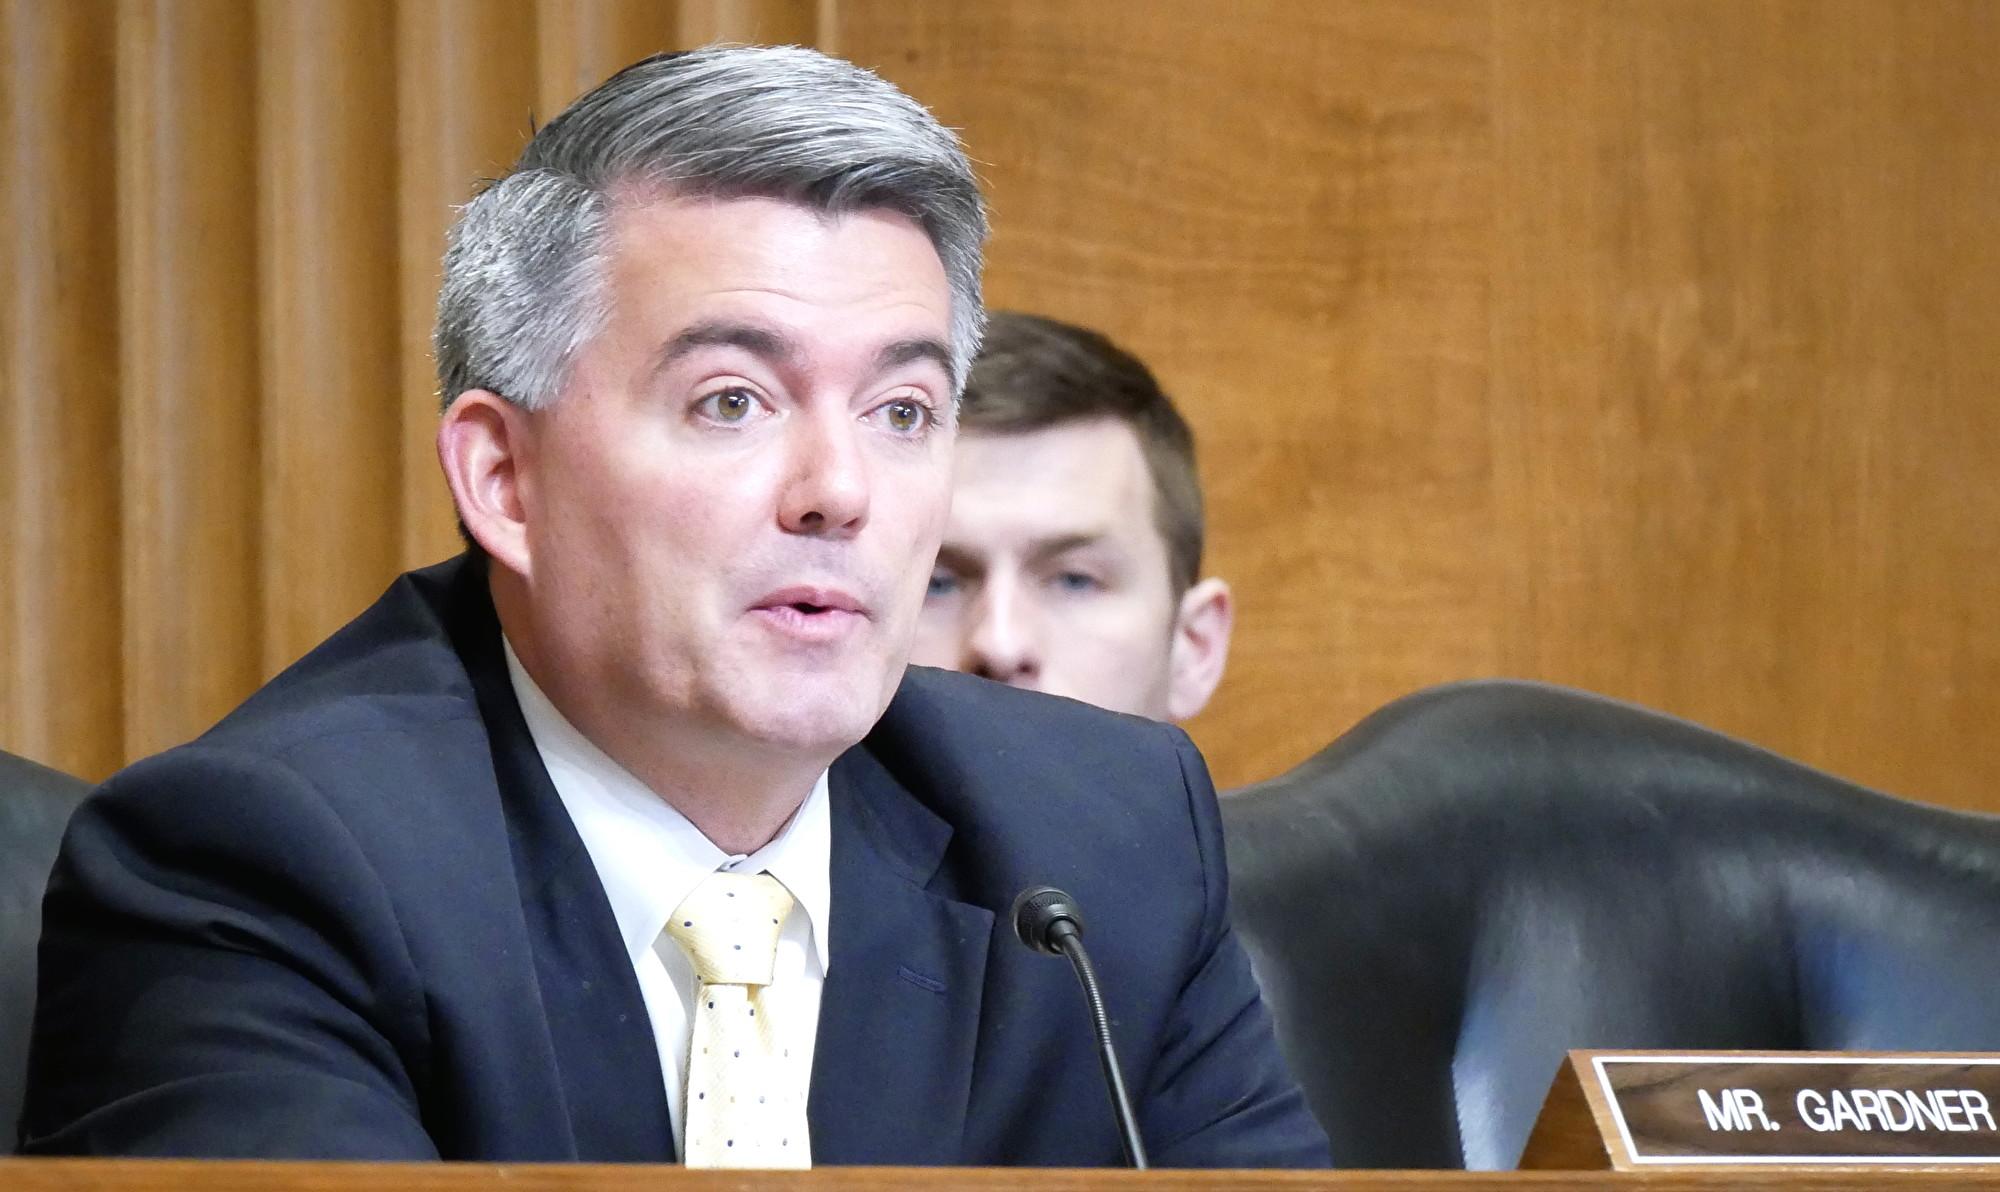 美國參議員、參議院外交委員會亞太小組委員會主席加德納(Cory Gardner)12月4日在參議院的一場聽證會上。(李辰/大紀元)